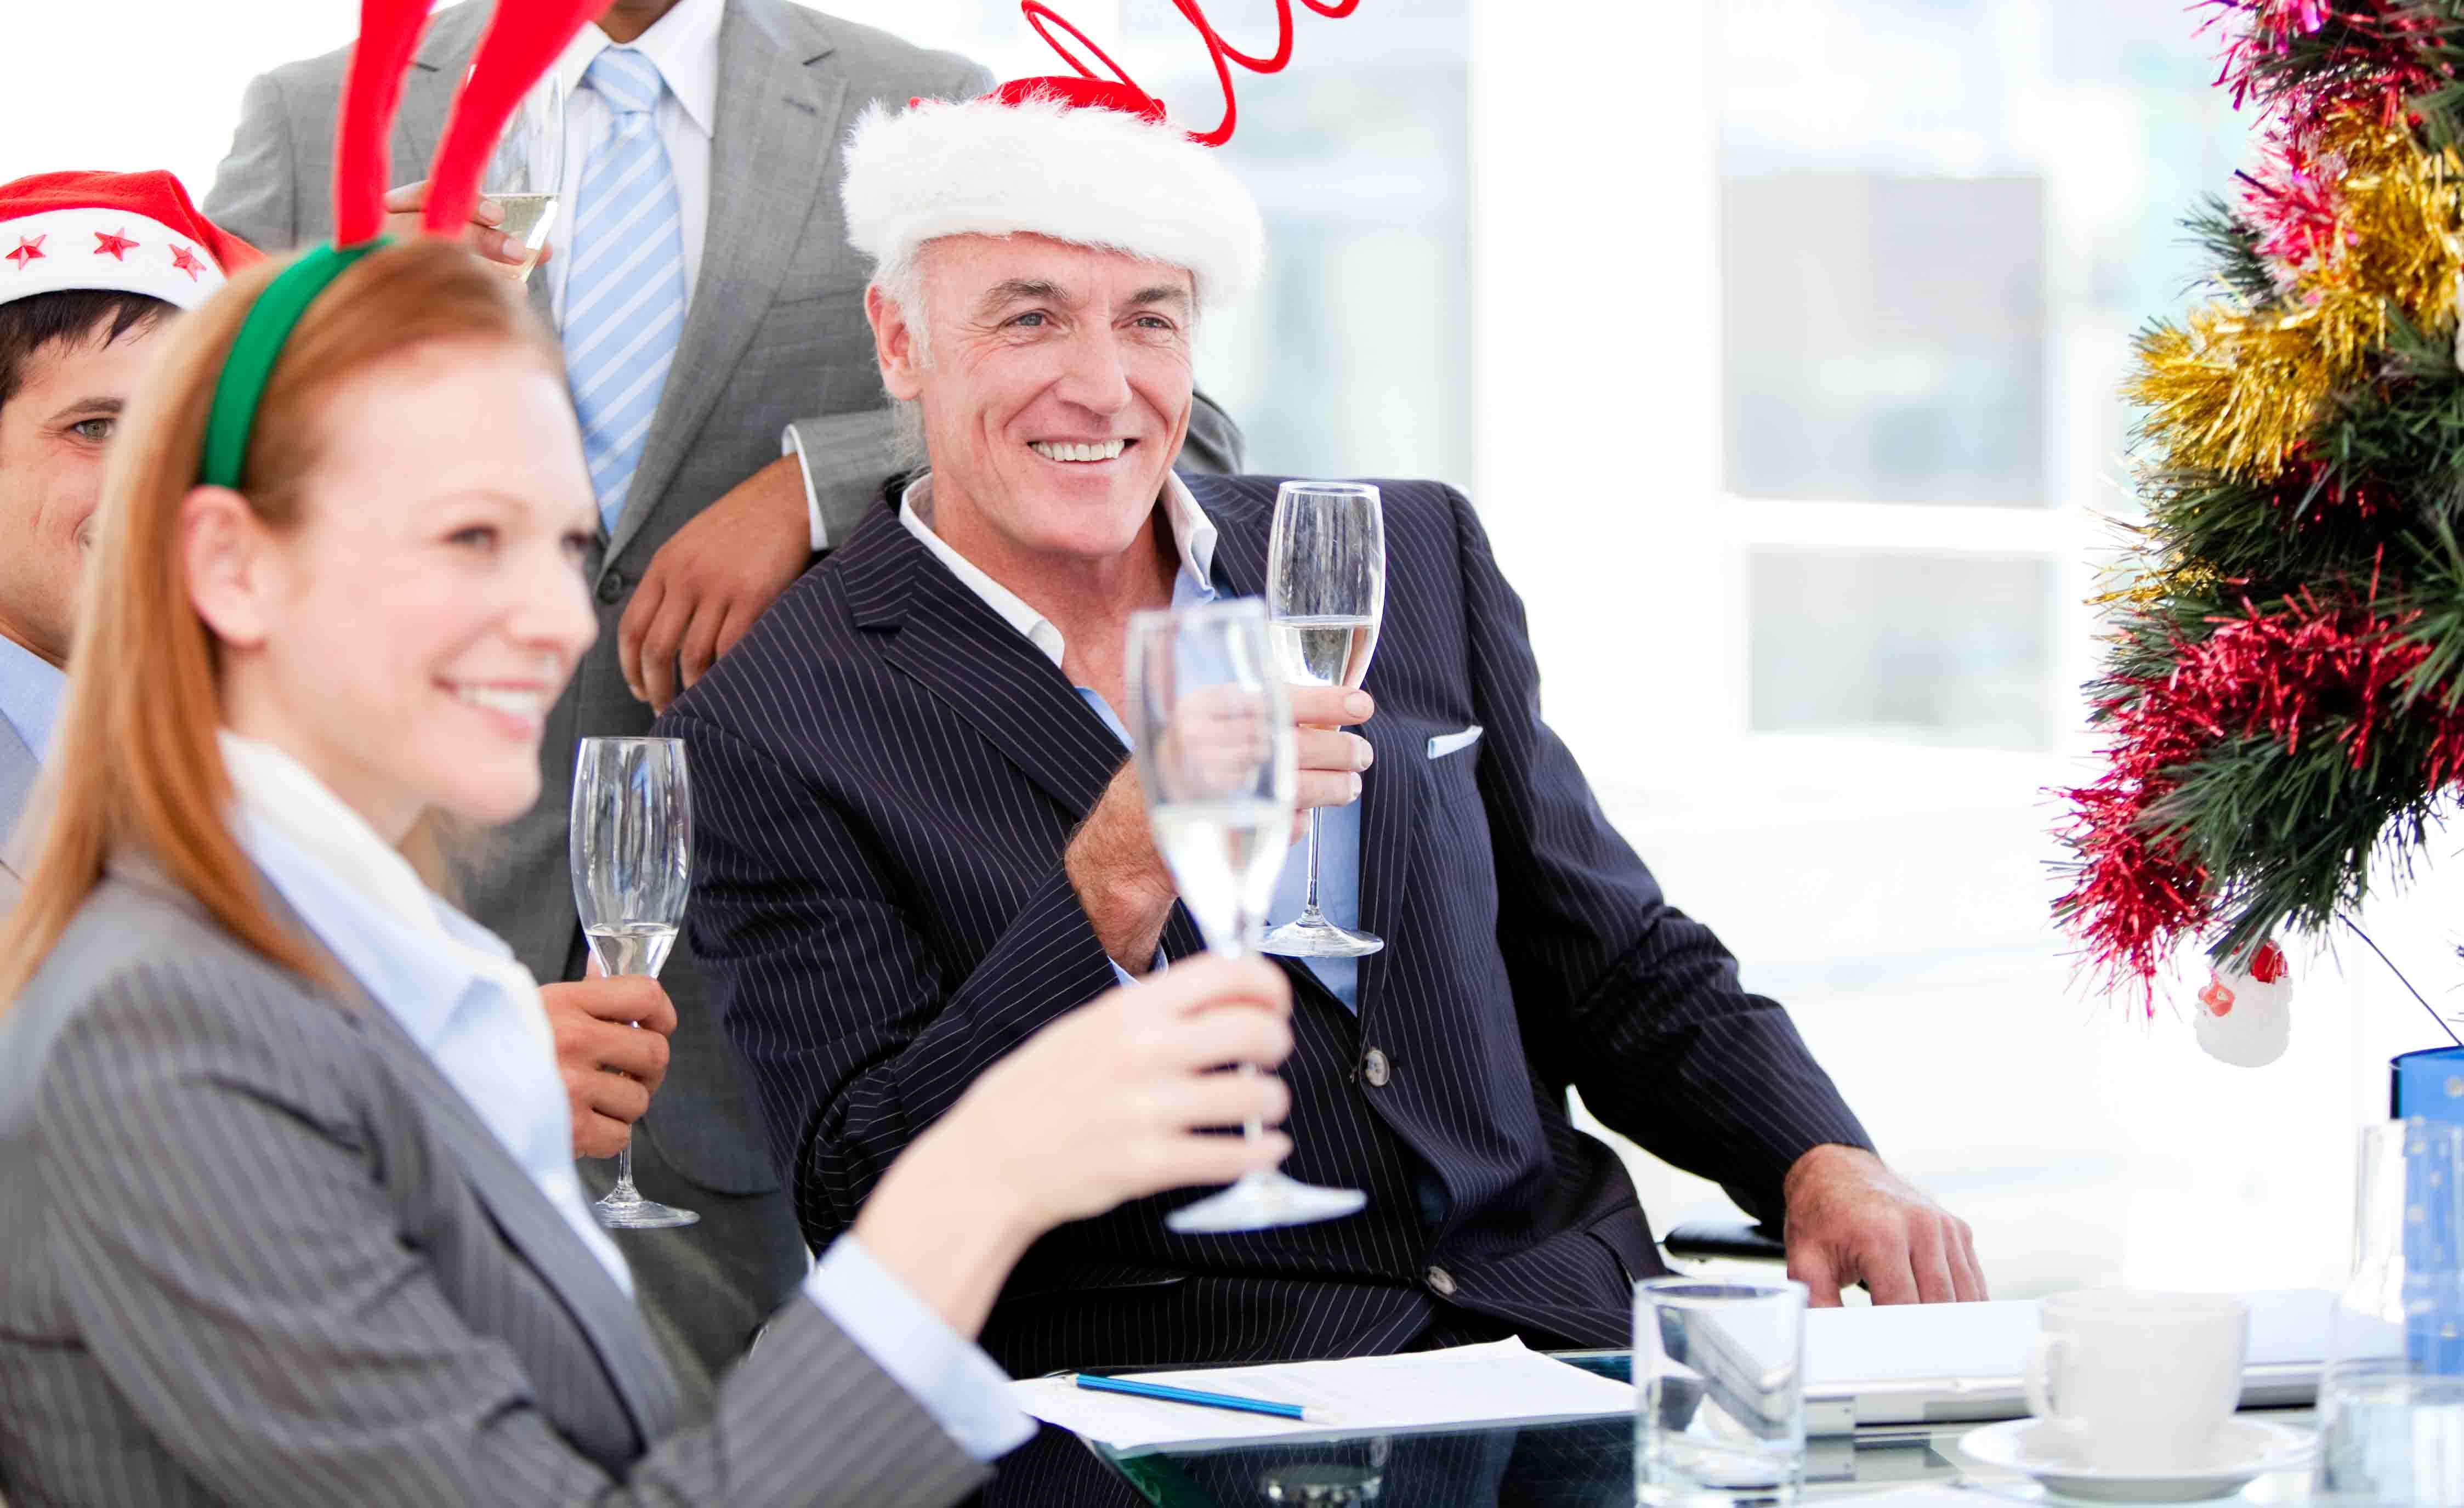 Noël au sein de l'entreprise : les activités de team building